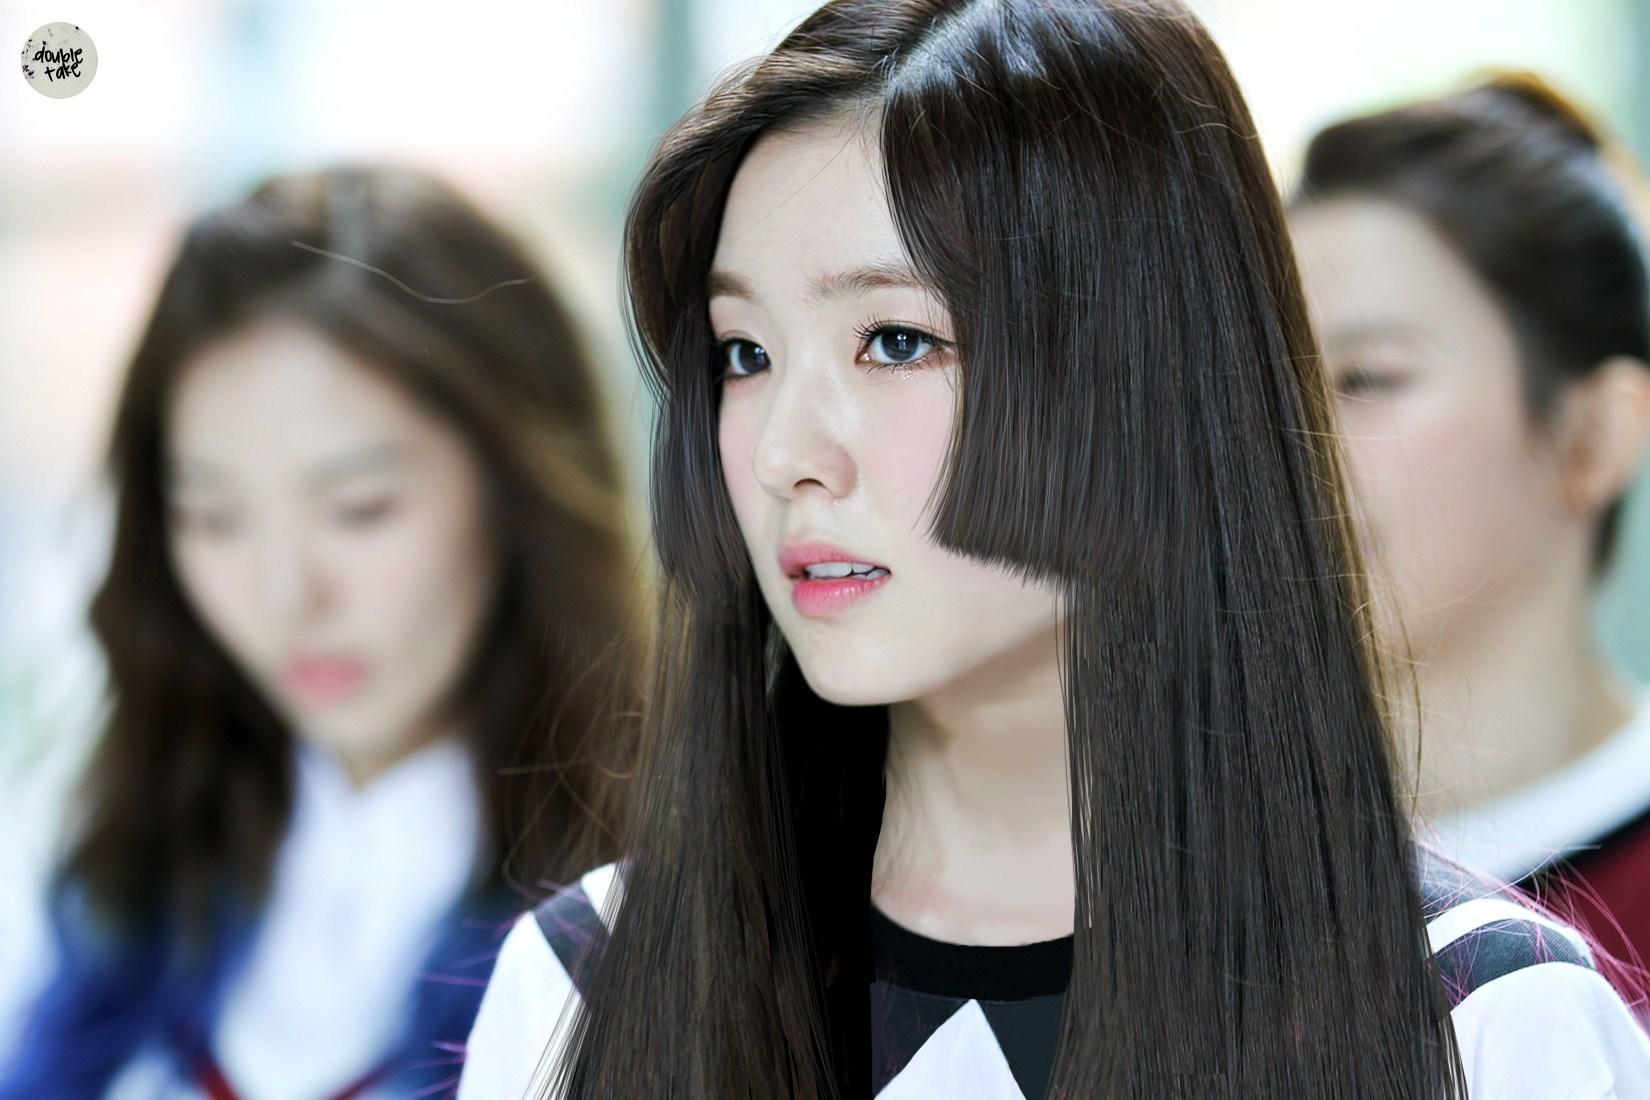 Kiểu tóc Hime của gái Nhật có gì hot mà cả dàn sao Kpop thi nhau cắt,  - Ảnh 2.